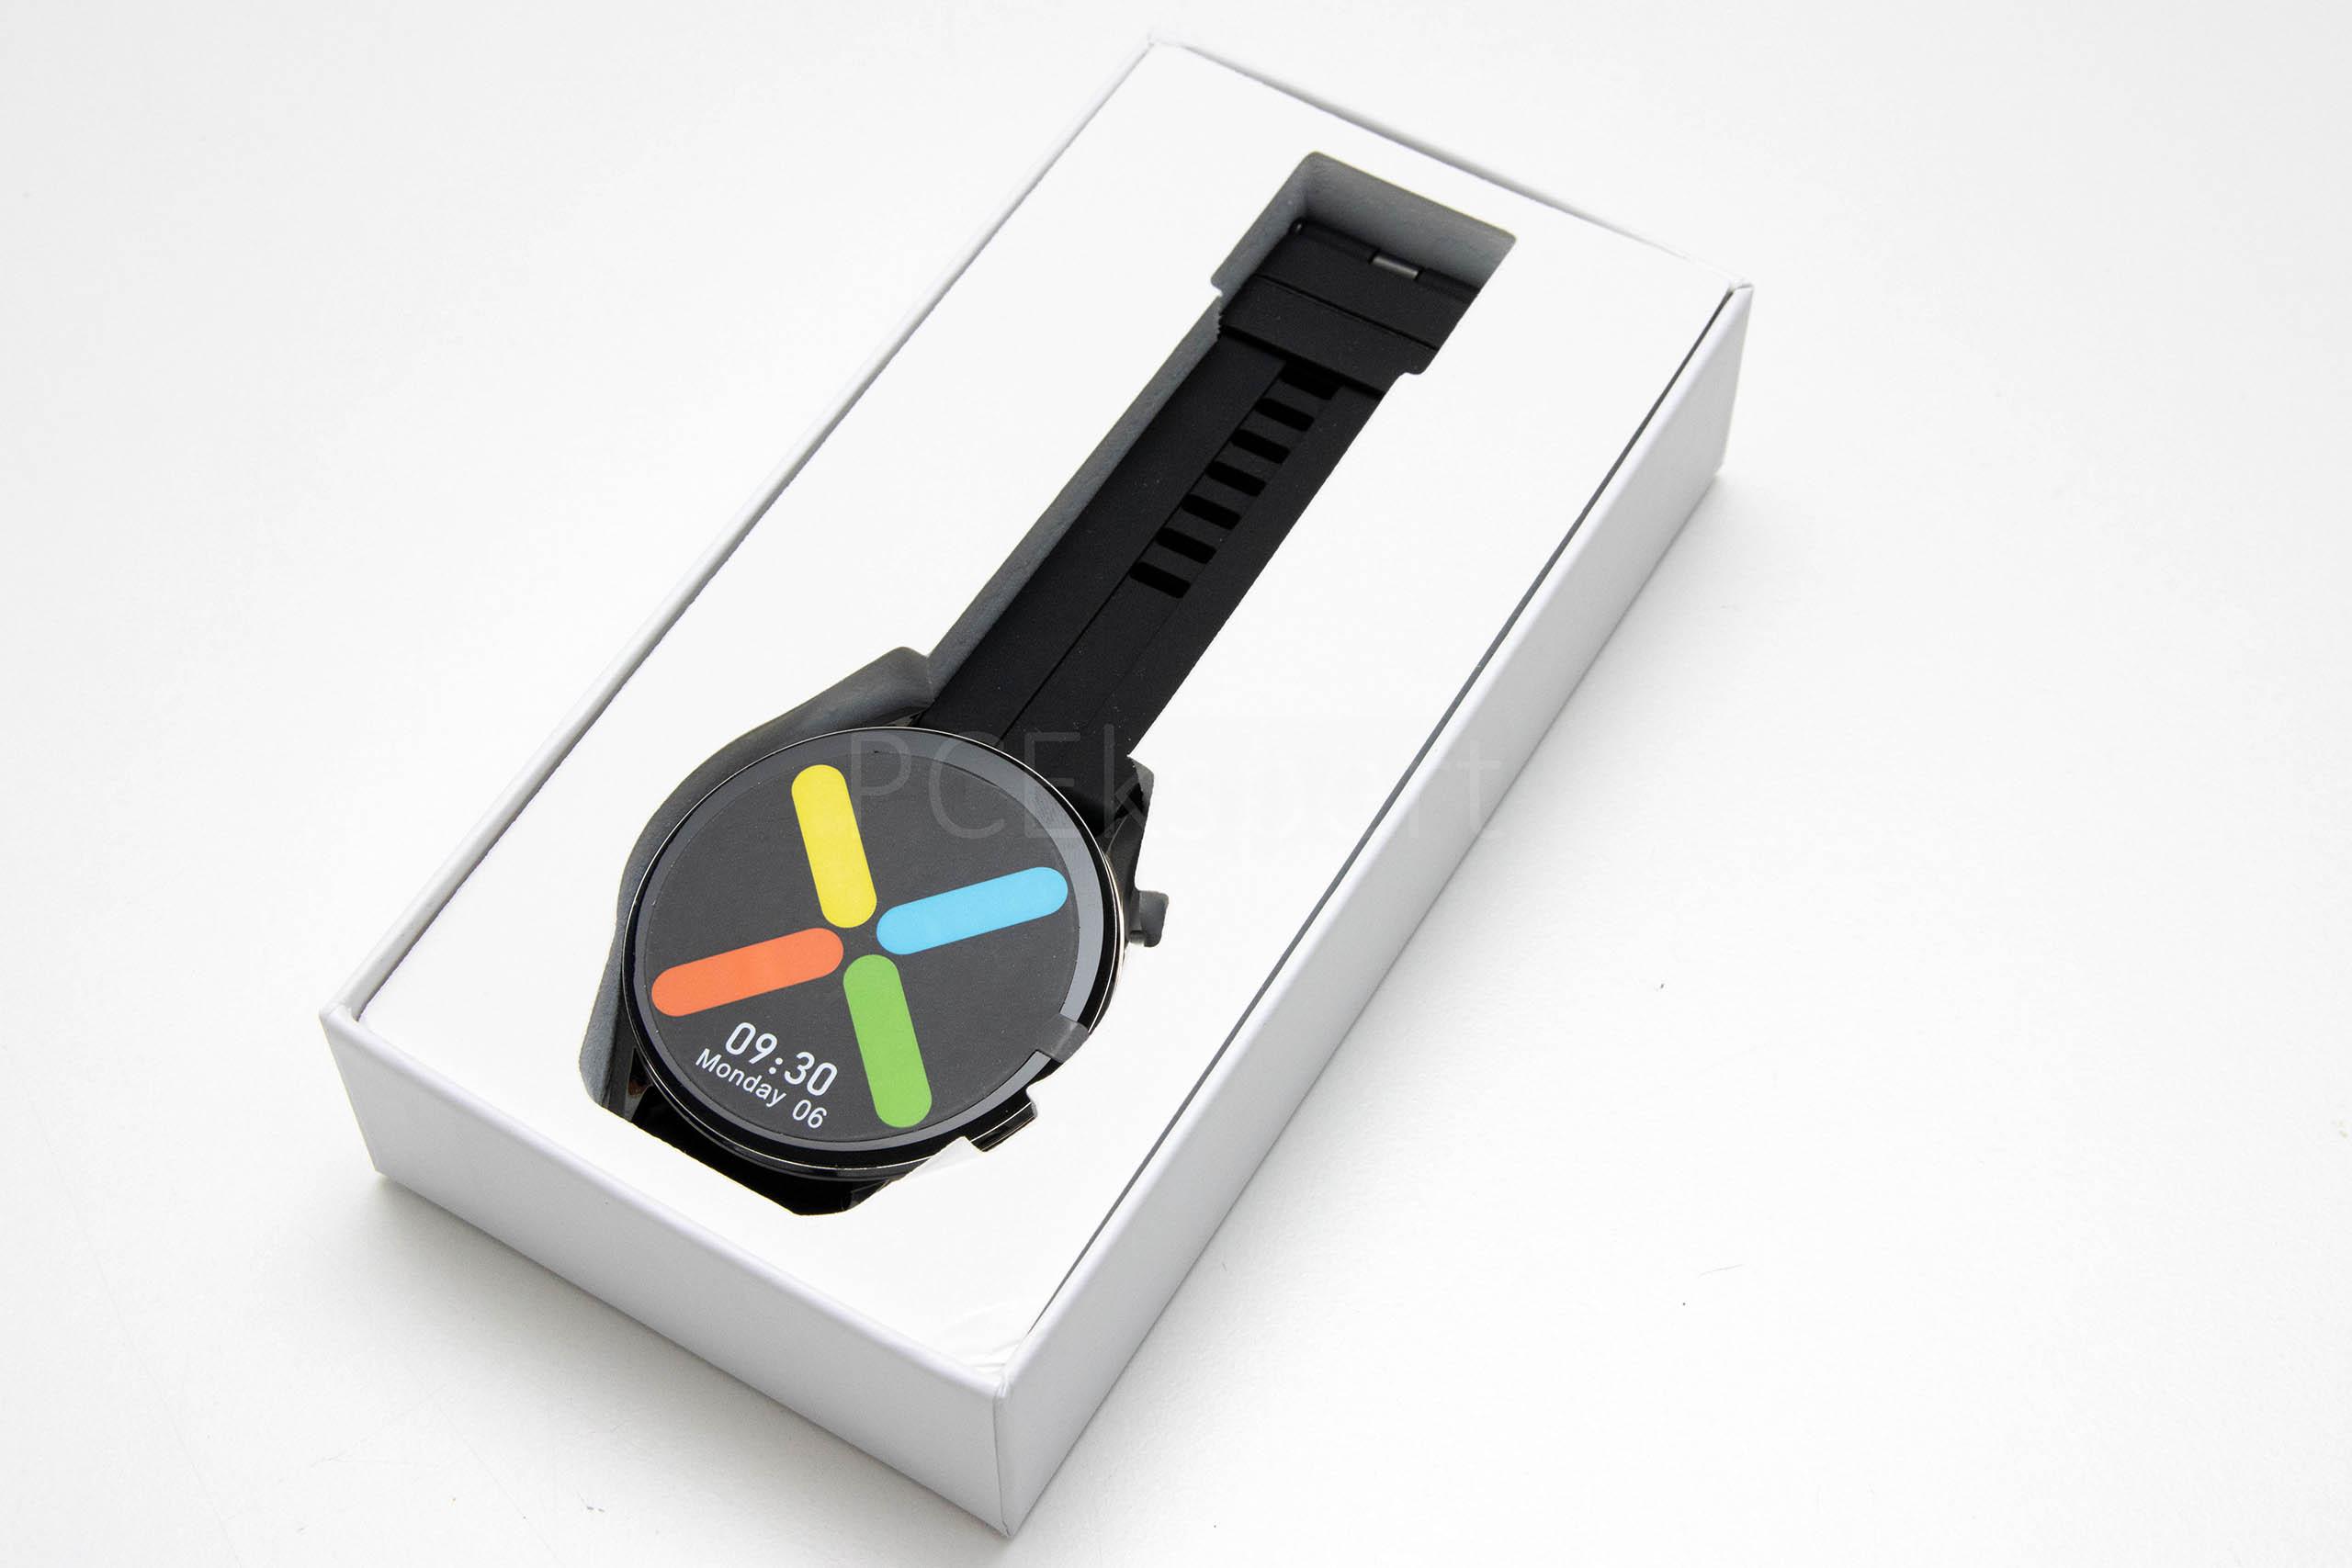 Recenzija – Imilab W12 pametni sat